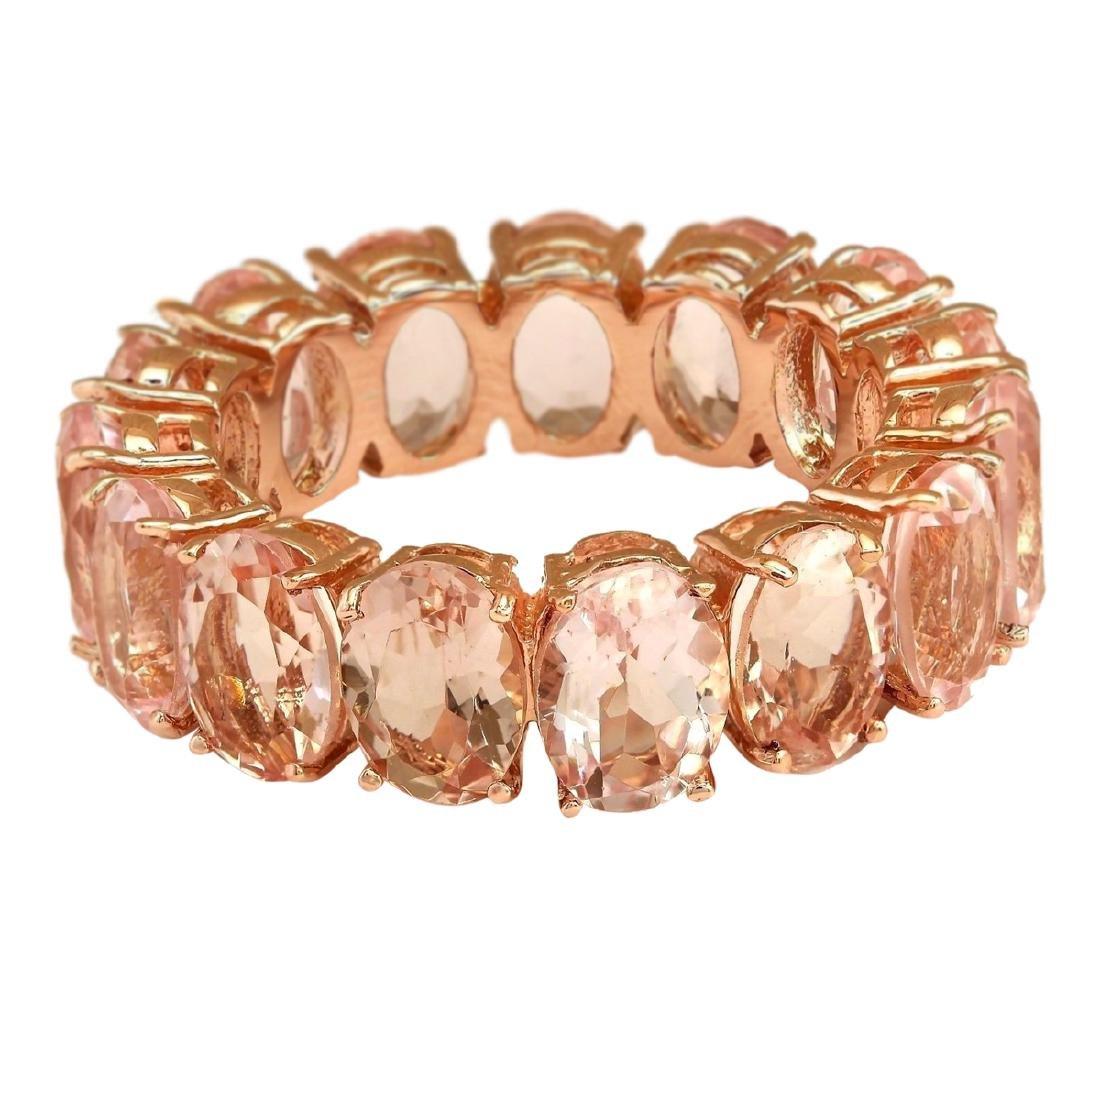 11.10 CTW Natural Morganite Ring In 18K Rose Gold - 3